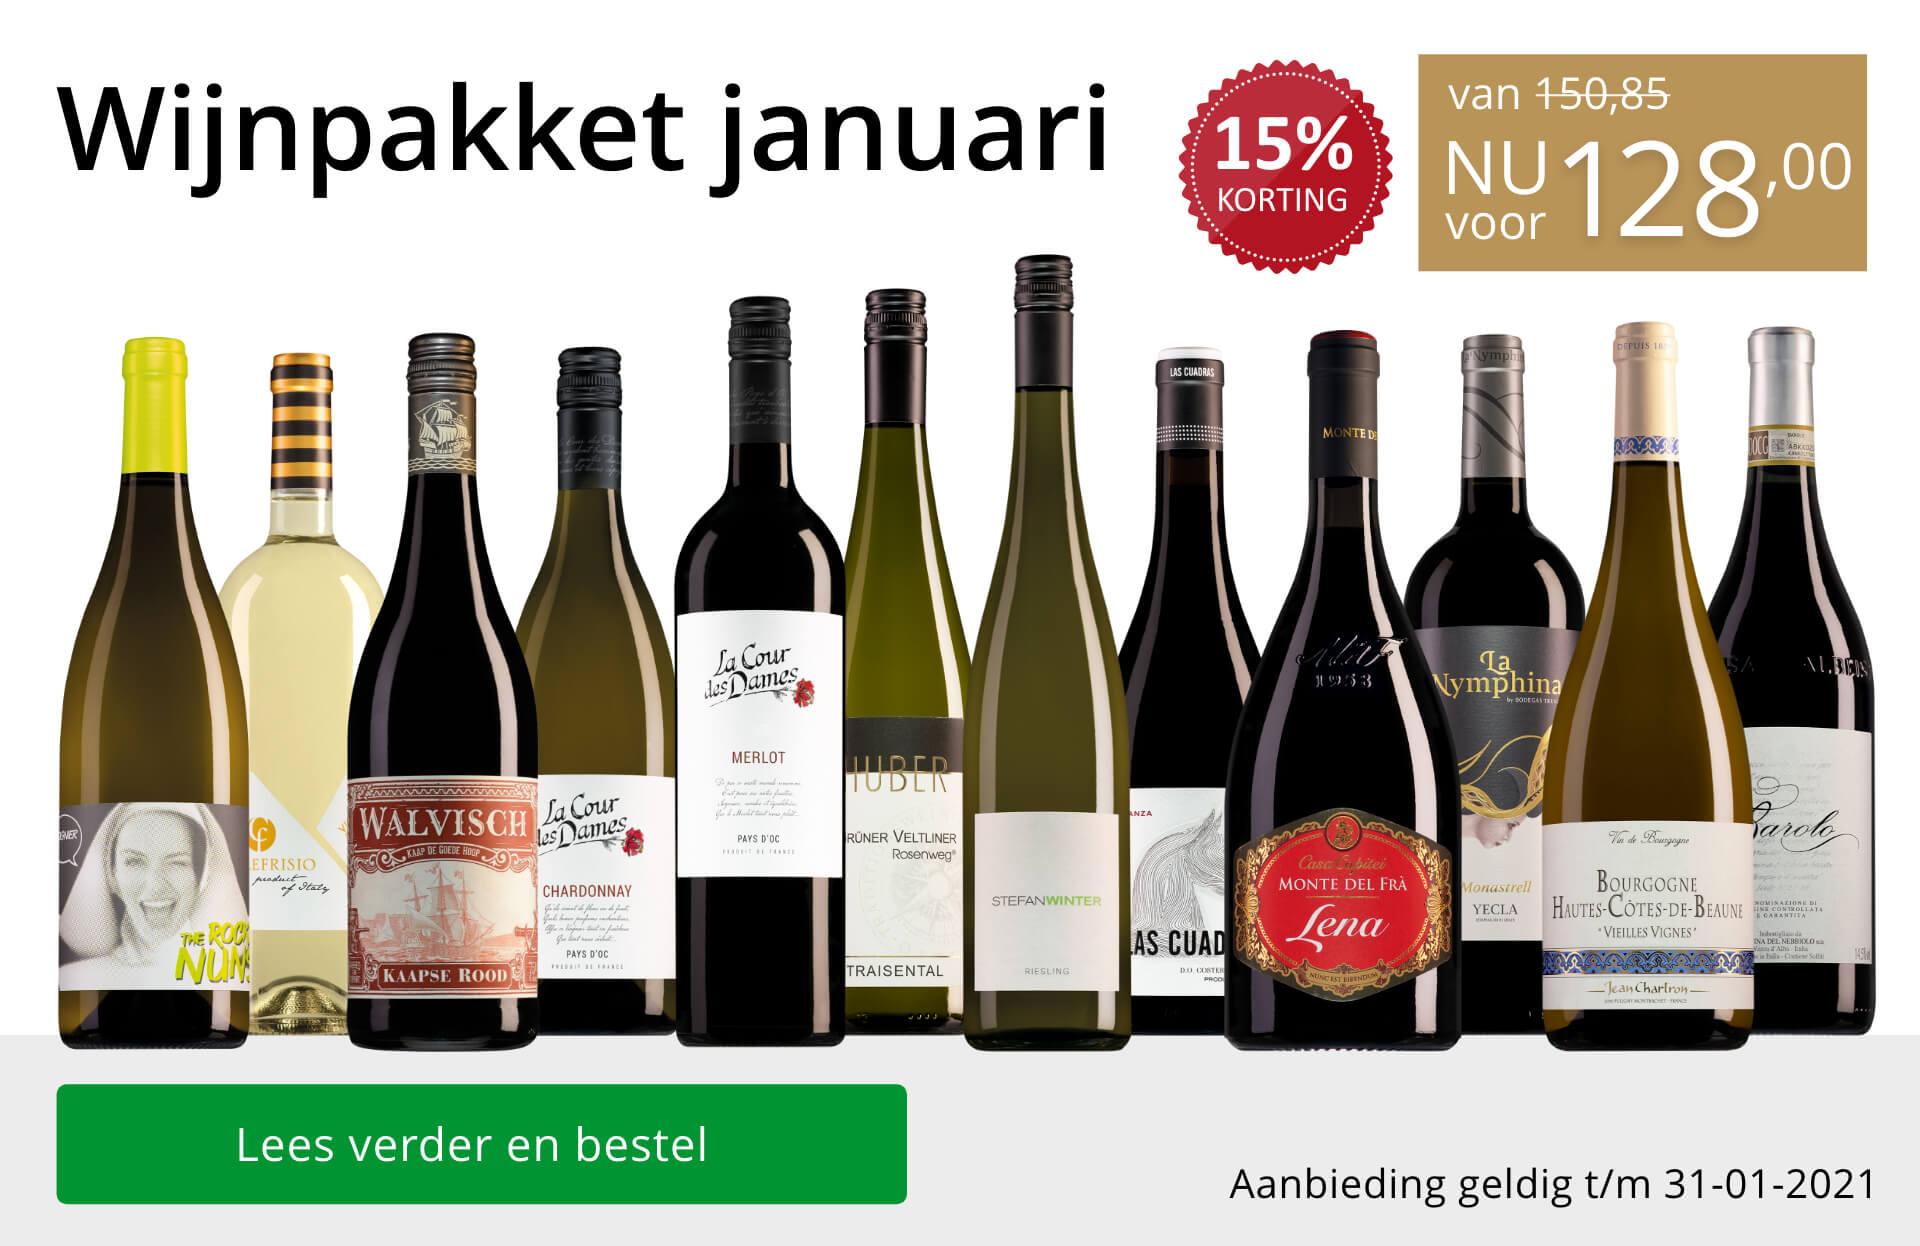 Wijnpakket wijnbericht januari 2021 (128,00) - goud/zwart